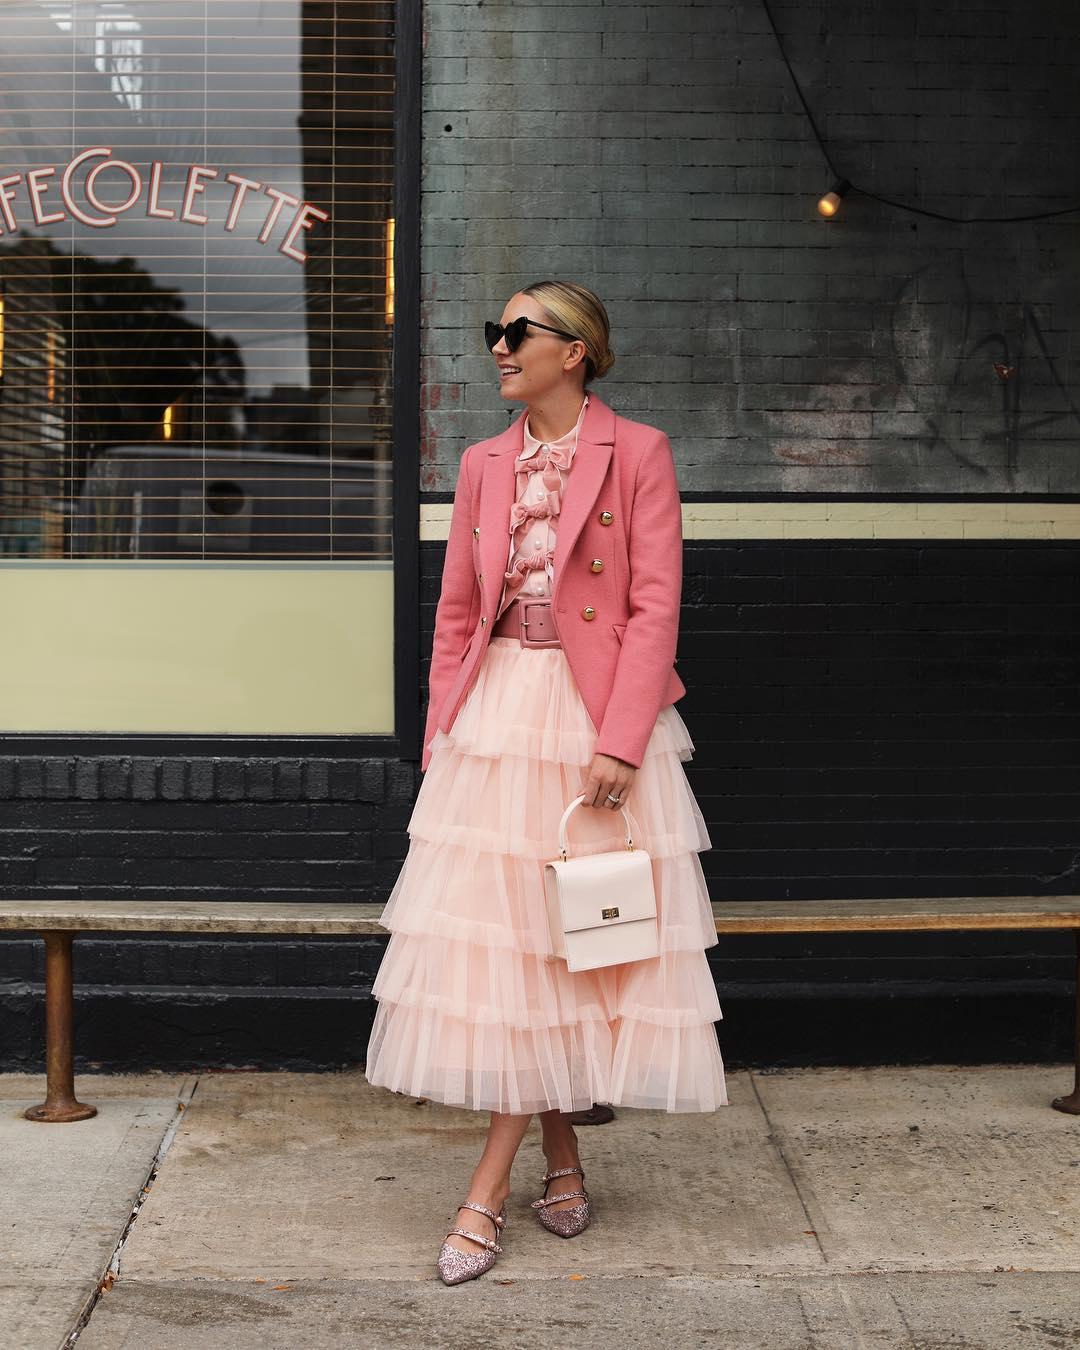 Нью-лук стиль 2020 для женщин 40-50 лет фото 13